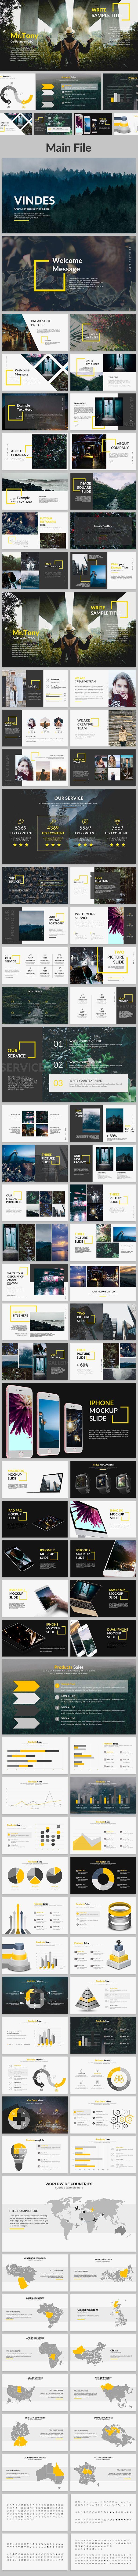 Vindes - Creative Powerpoint Template - 98 Unique Slides